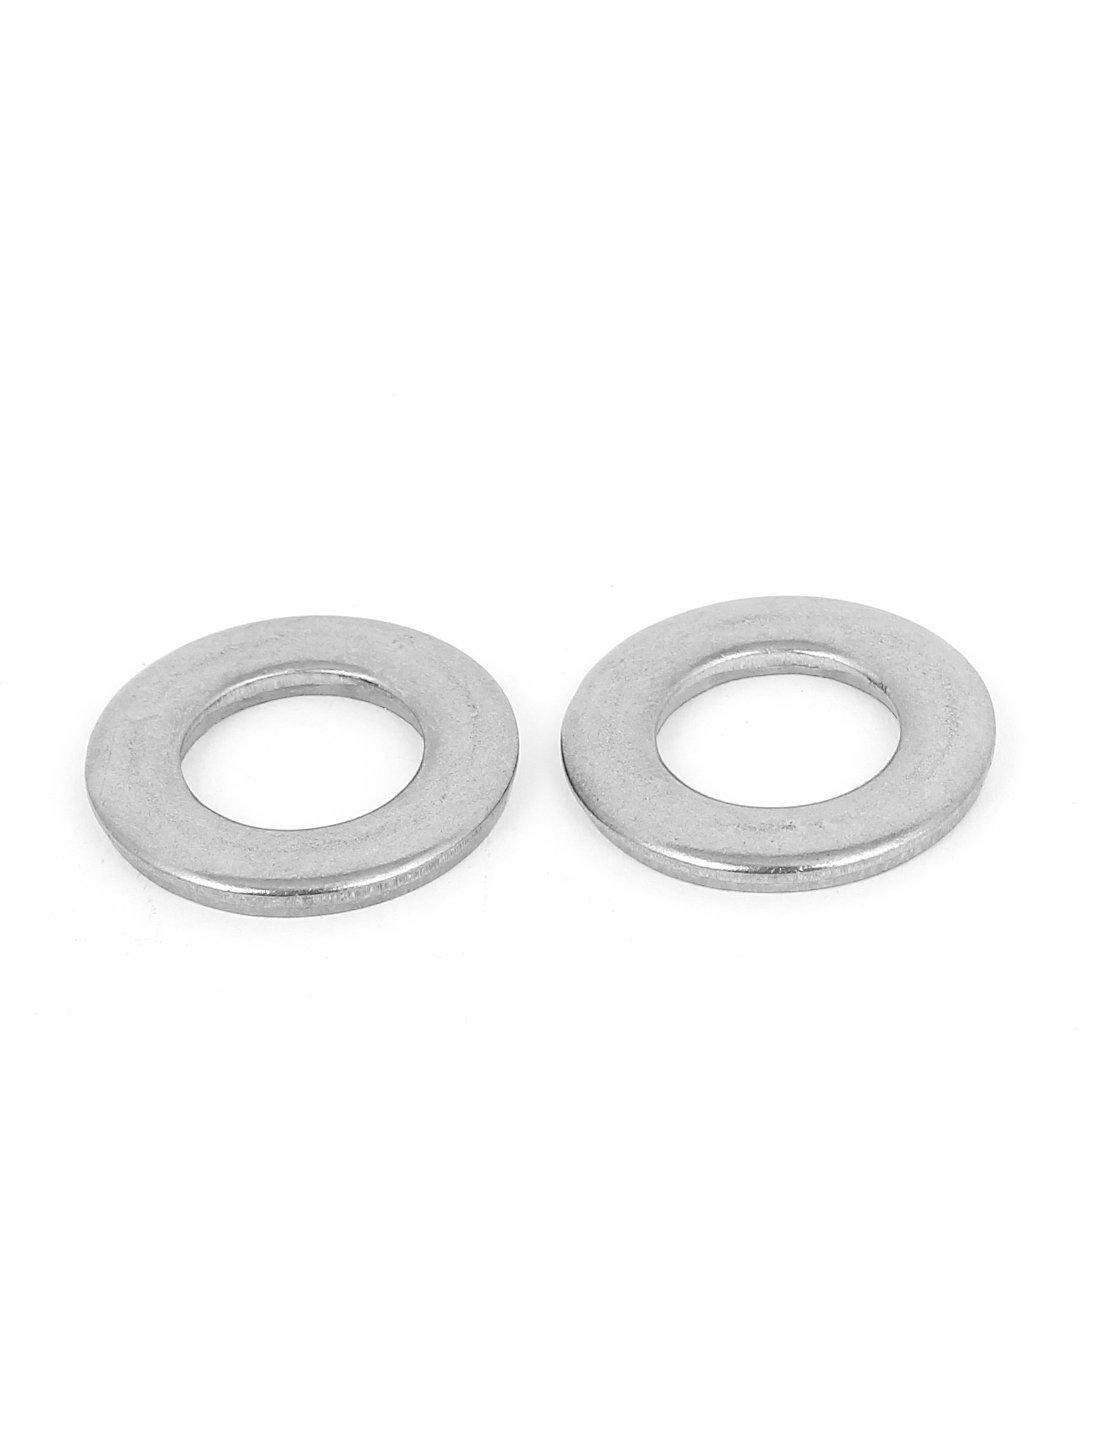 Tono de la plata del acero inoxidable 304 Arandela plana 20pcs de 1//2 pulgadas para los tornillos